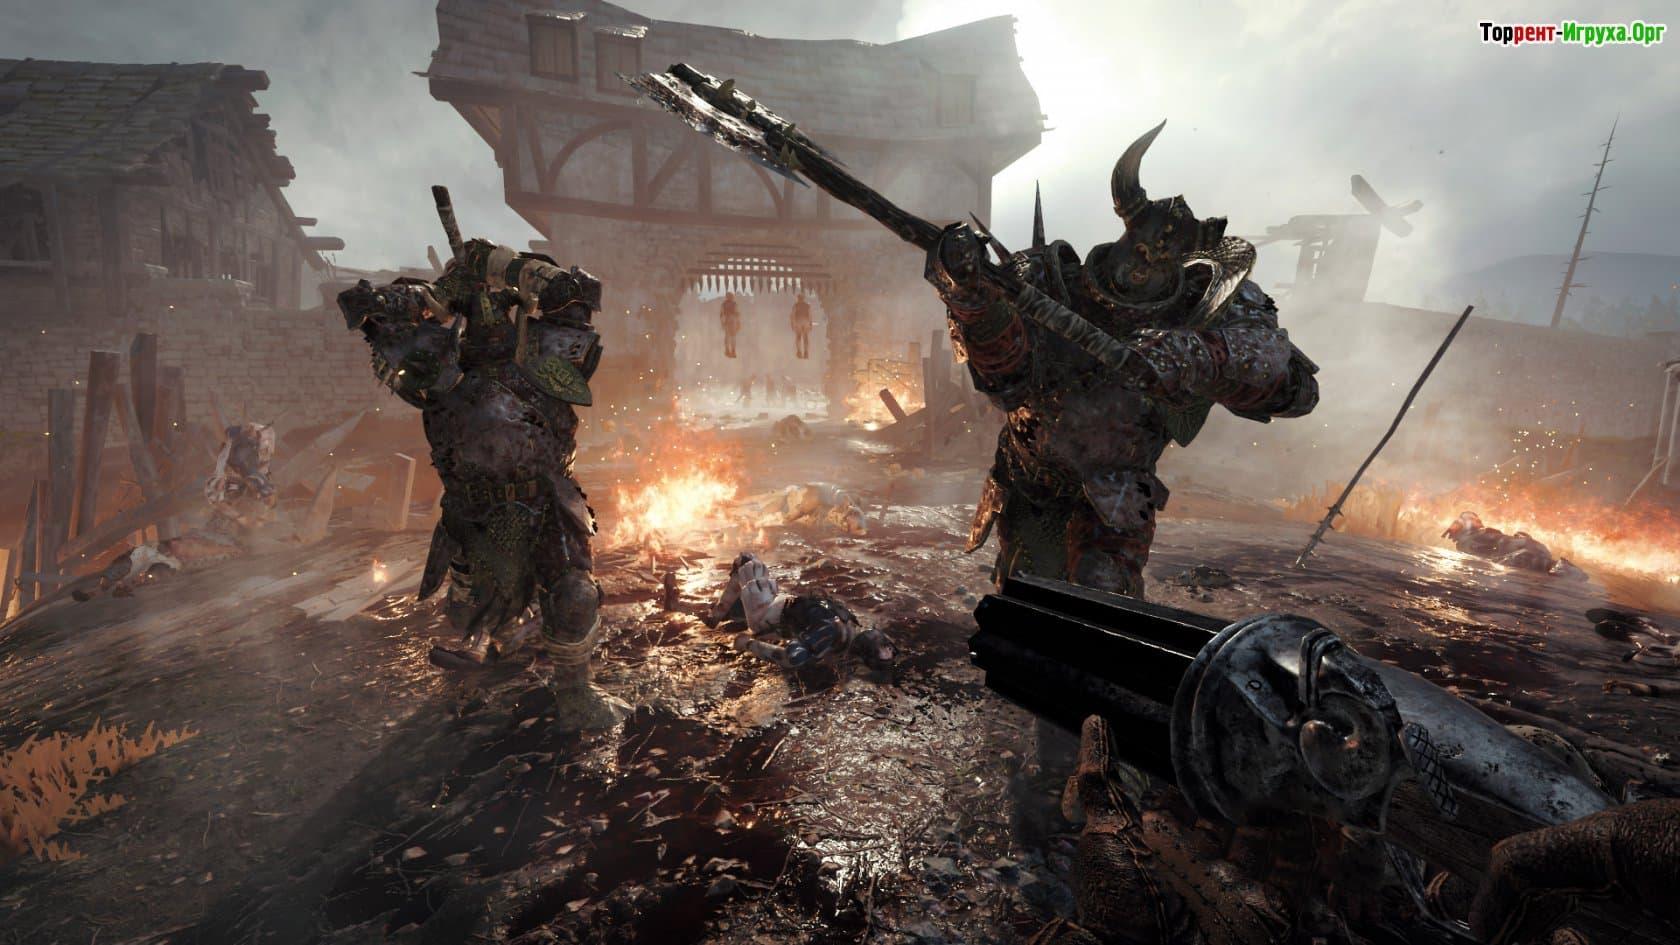 Скачать Warhammer Vermintide 2 торрент - механики